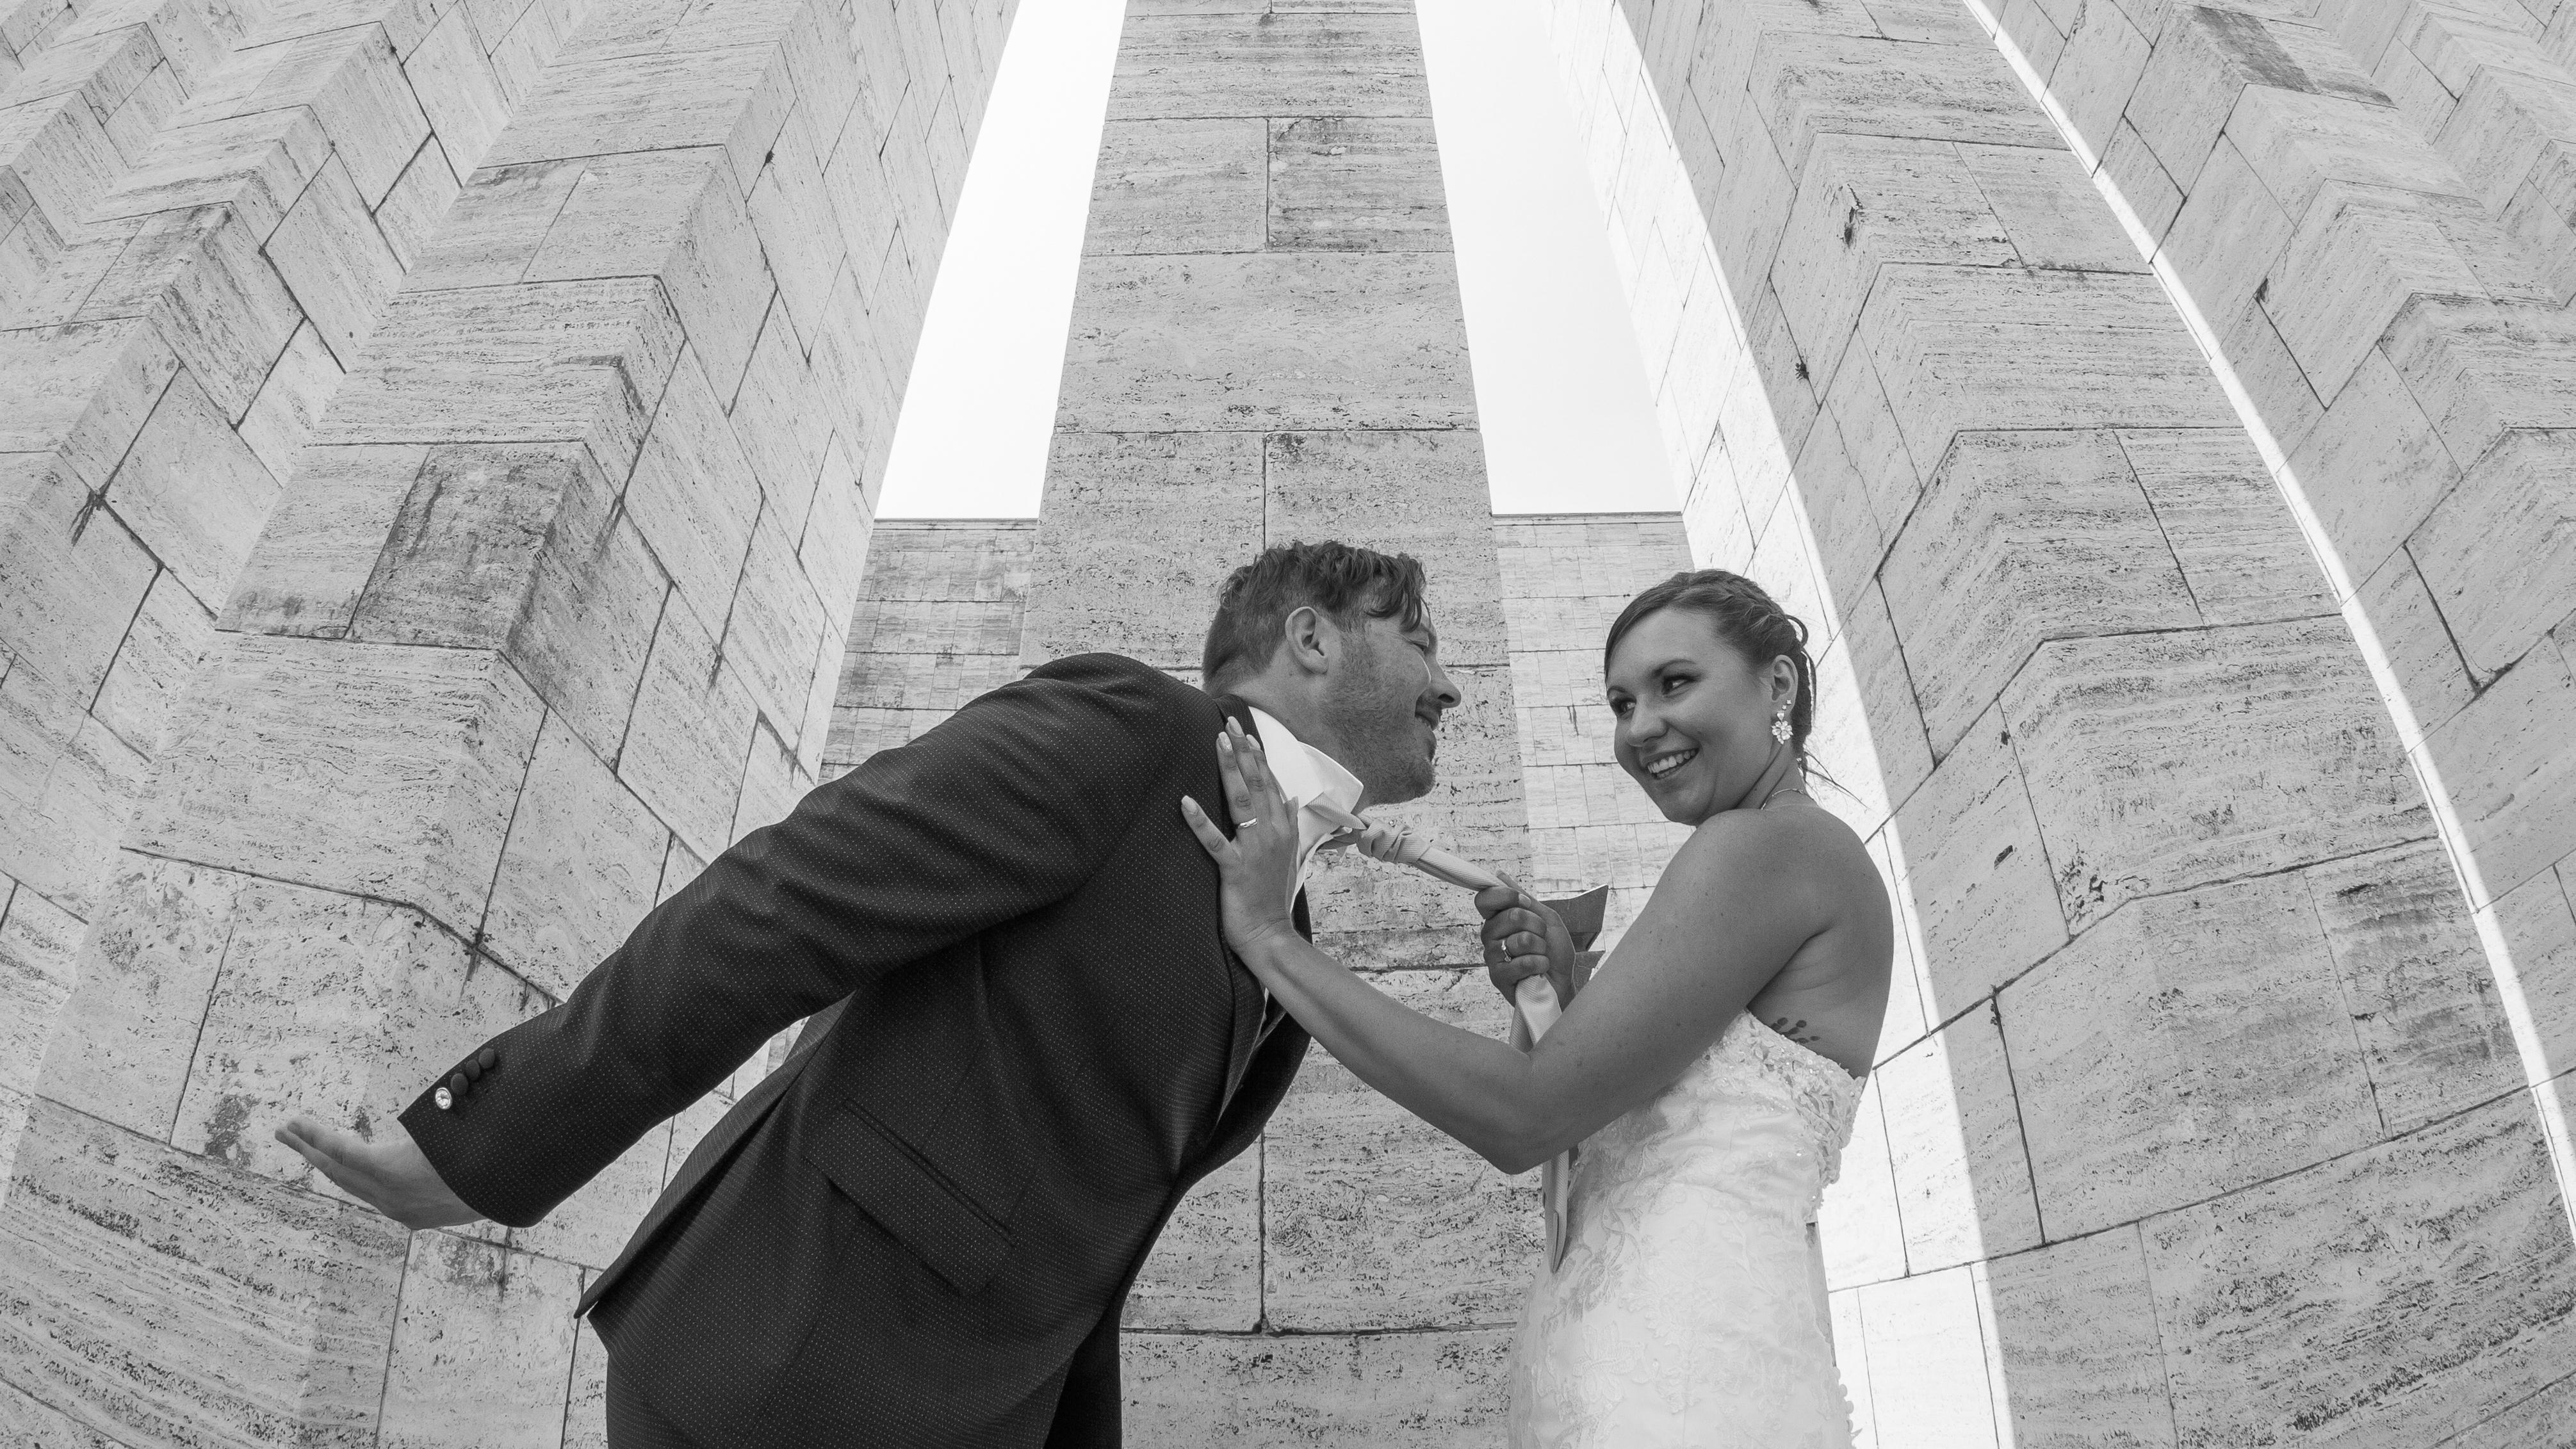 Matrimonio_Sito-28